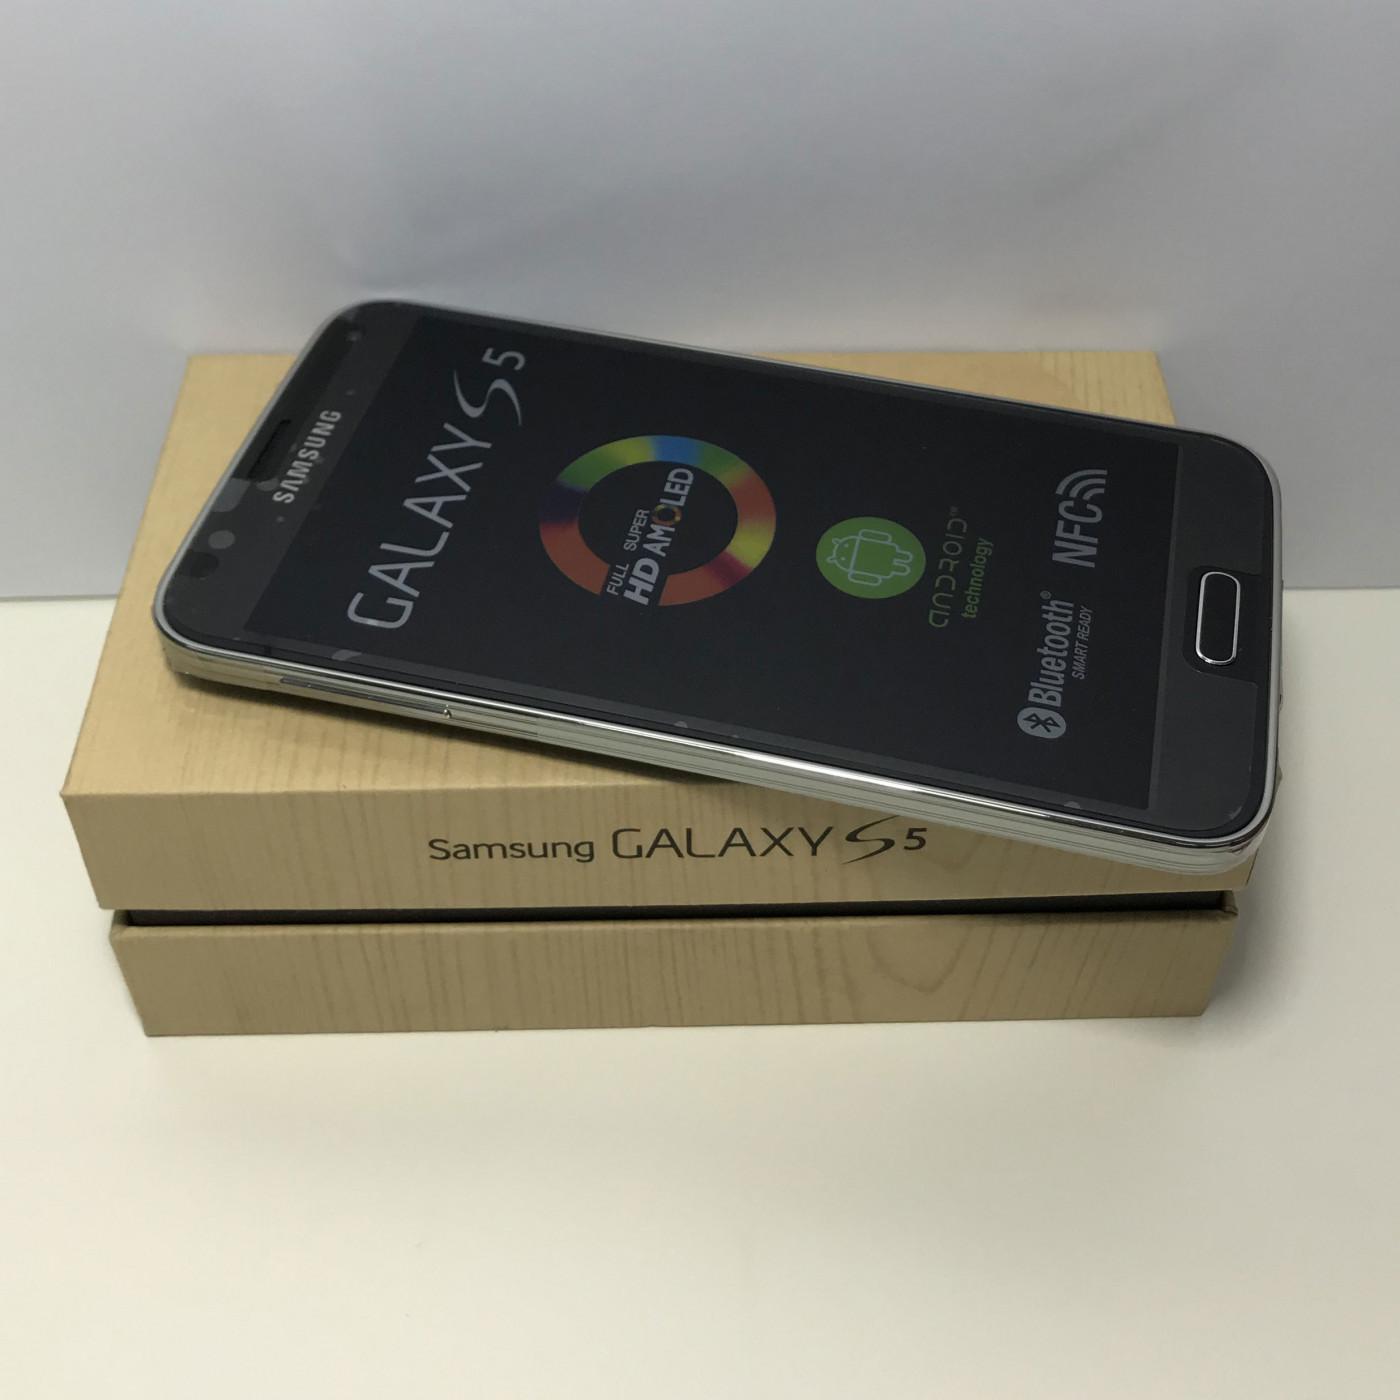 SAMSUNG GALAXY S5 G900F 16GB NERO GRADO A+++ PARI AL NUOVO + SCATOLA E ACCESSORI